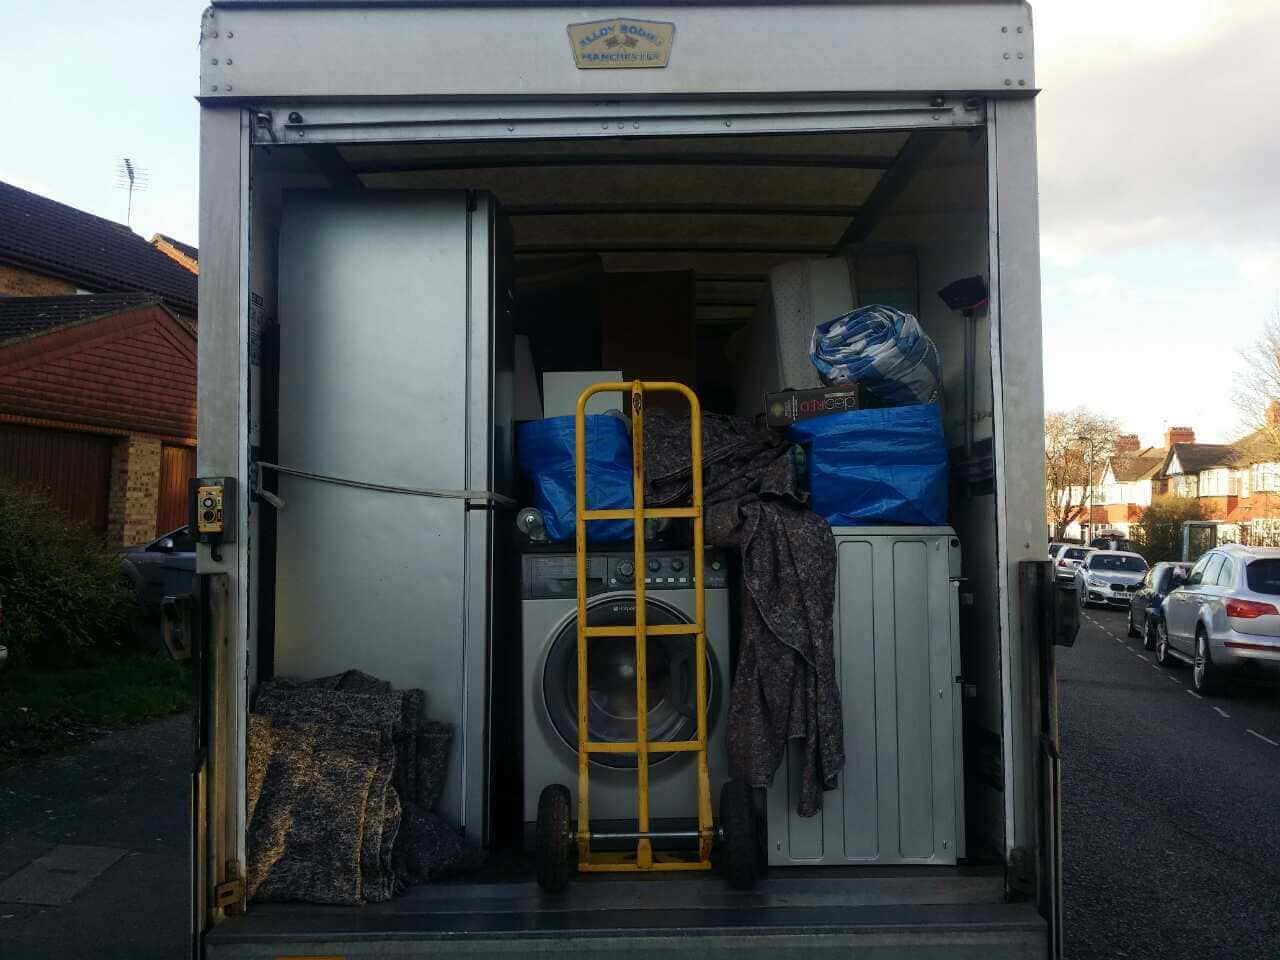 SW19 van for hire in Merton Park